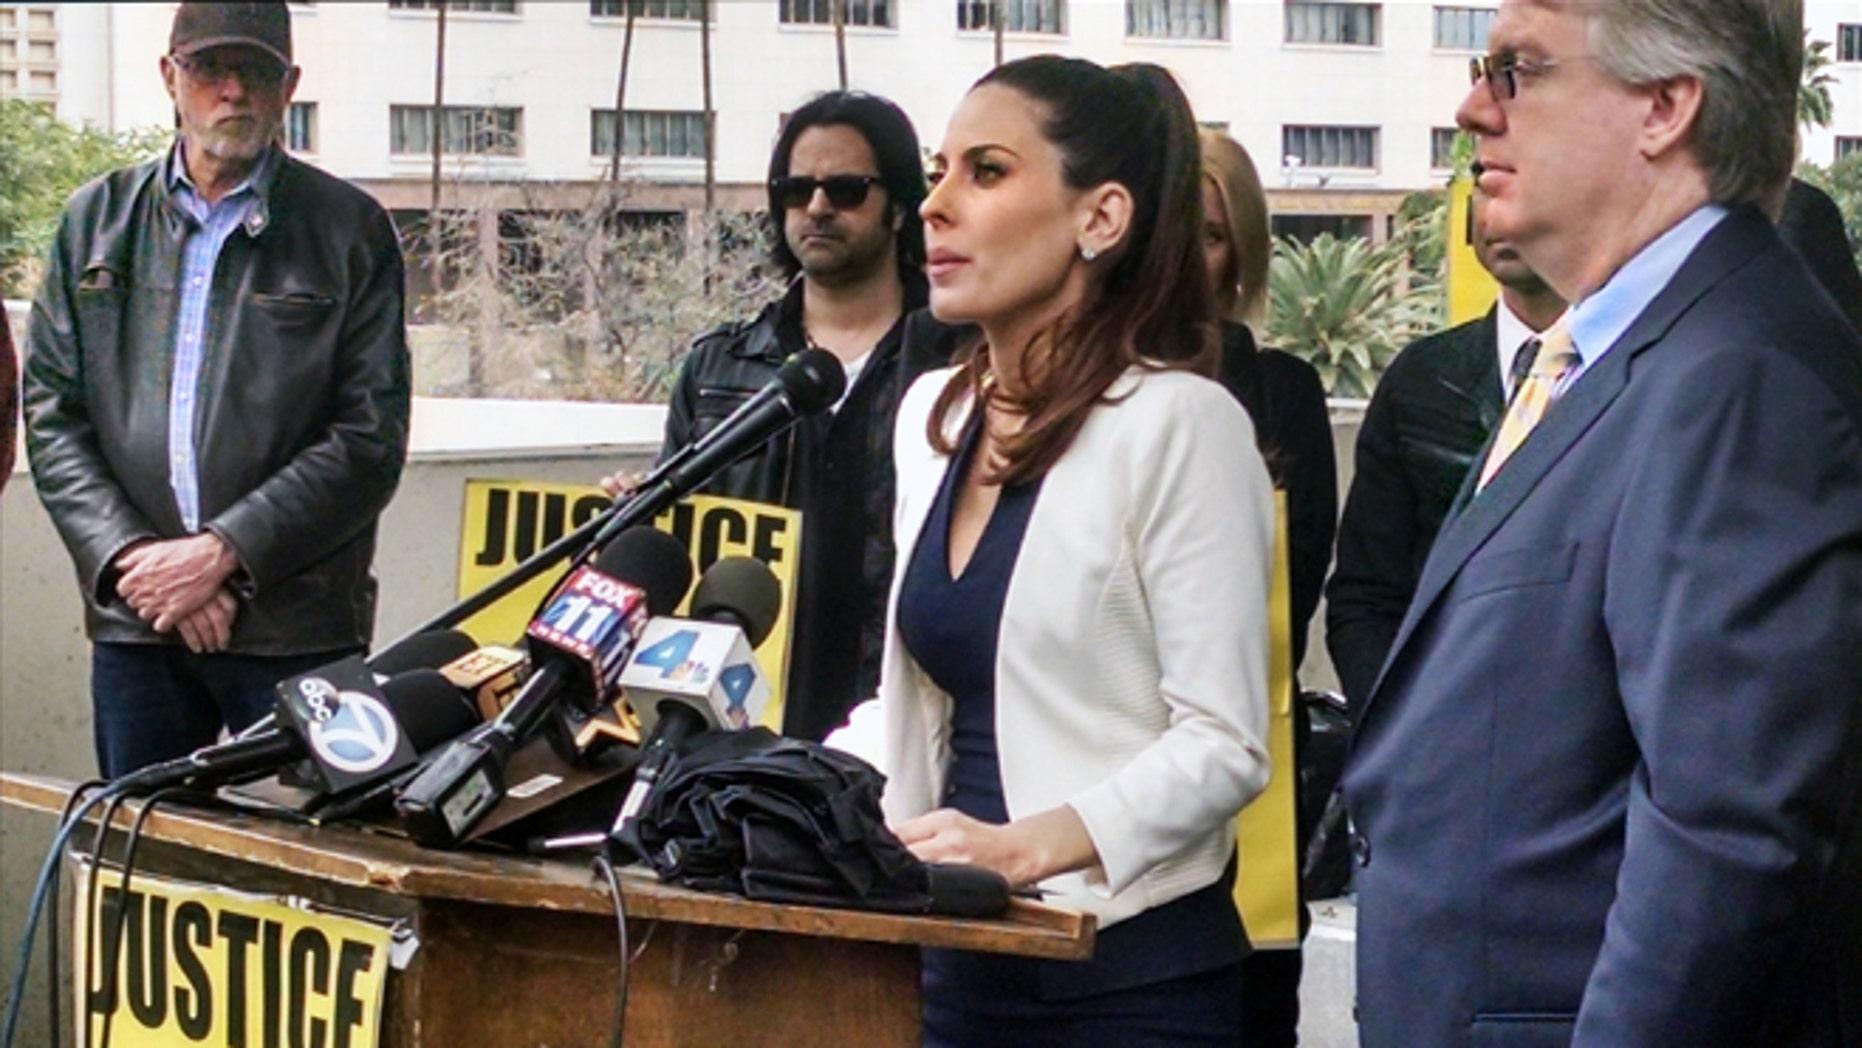 Jan 30, 2015. Kerri Kasem daughter of radio legend Casey Kasem talks during a news conference in Los Angeles.